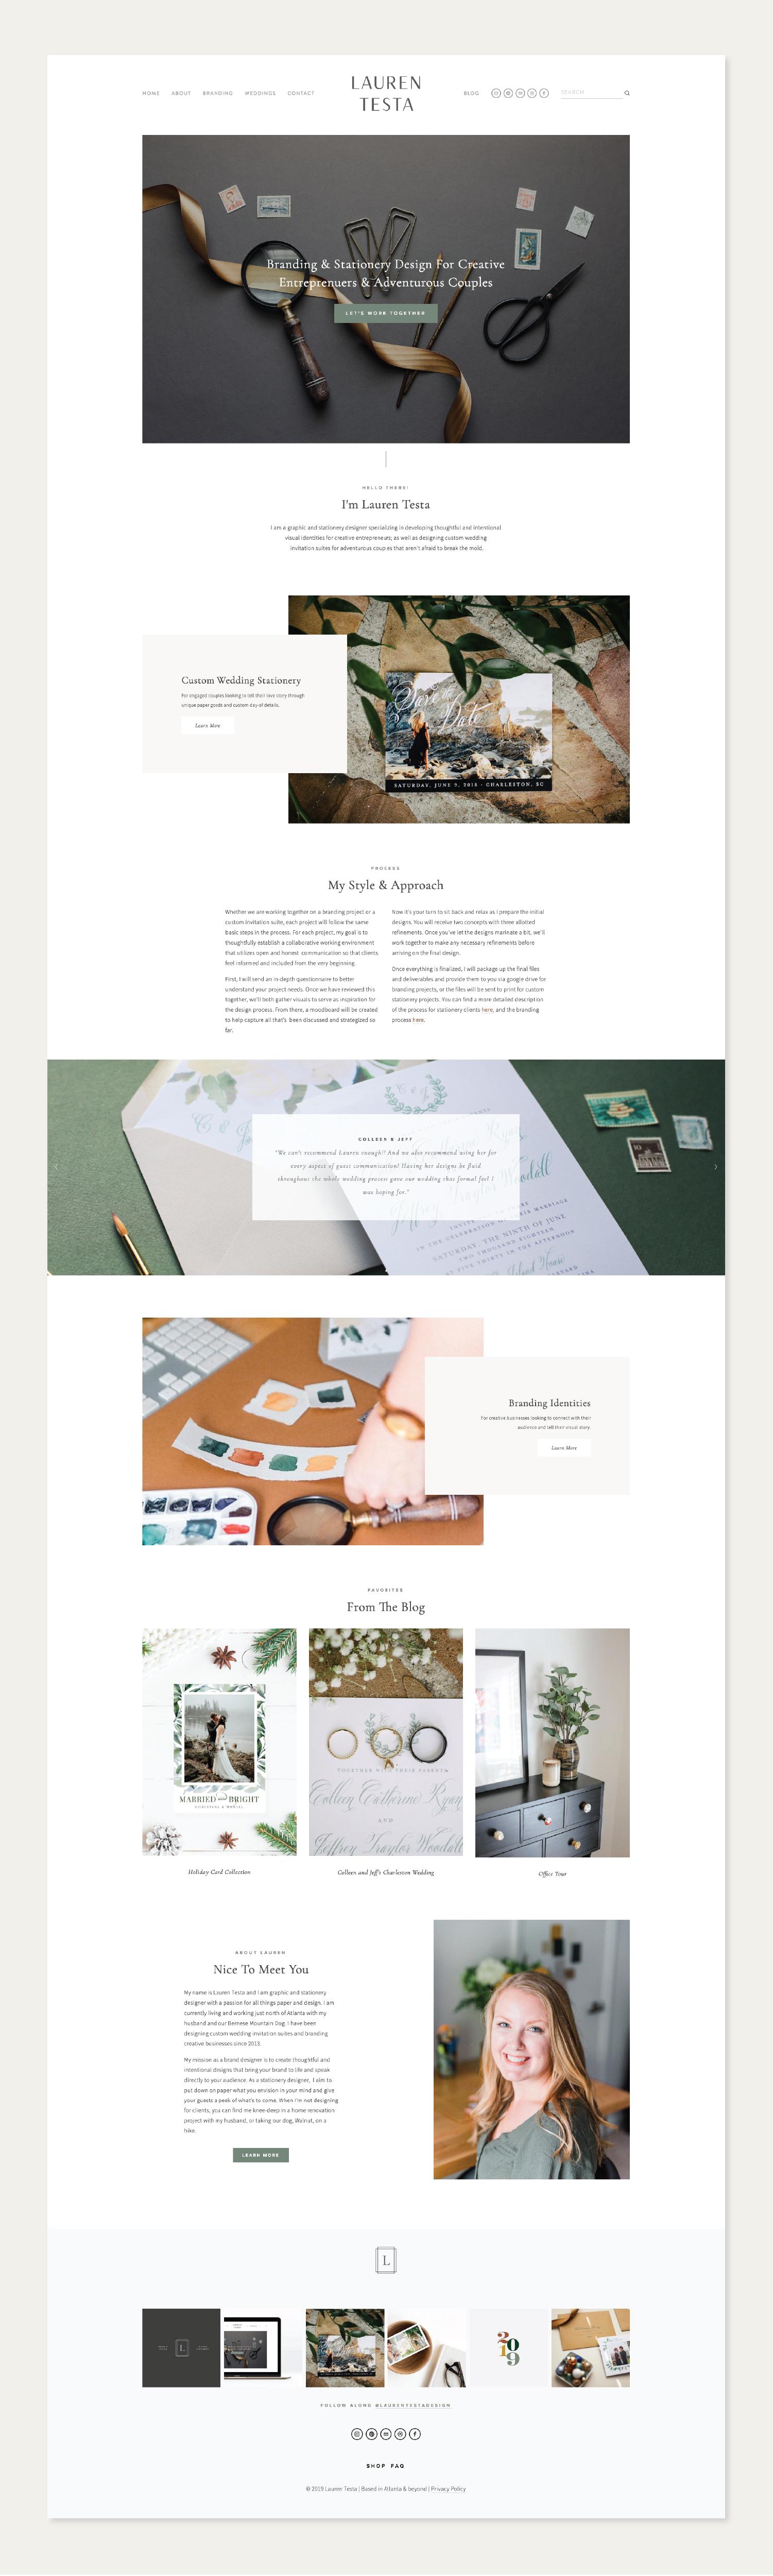 Lauren-Testa-Website-launch.png